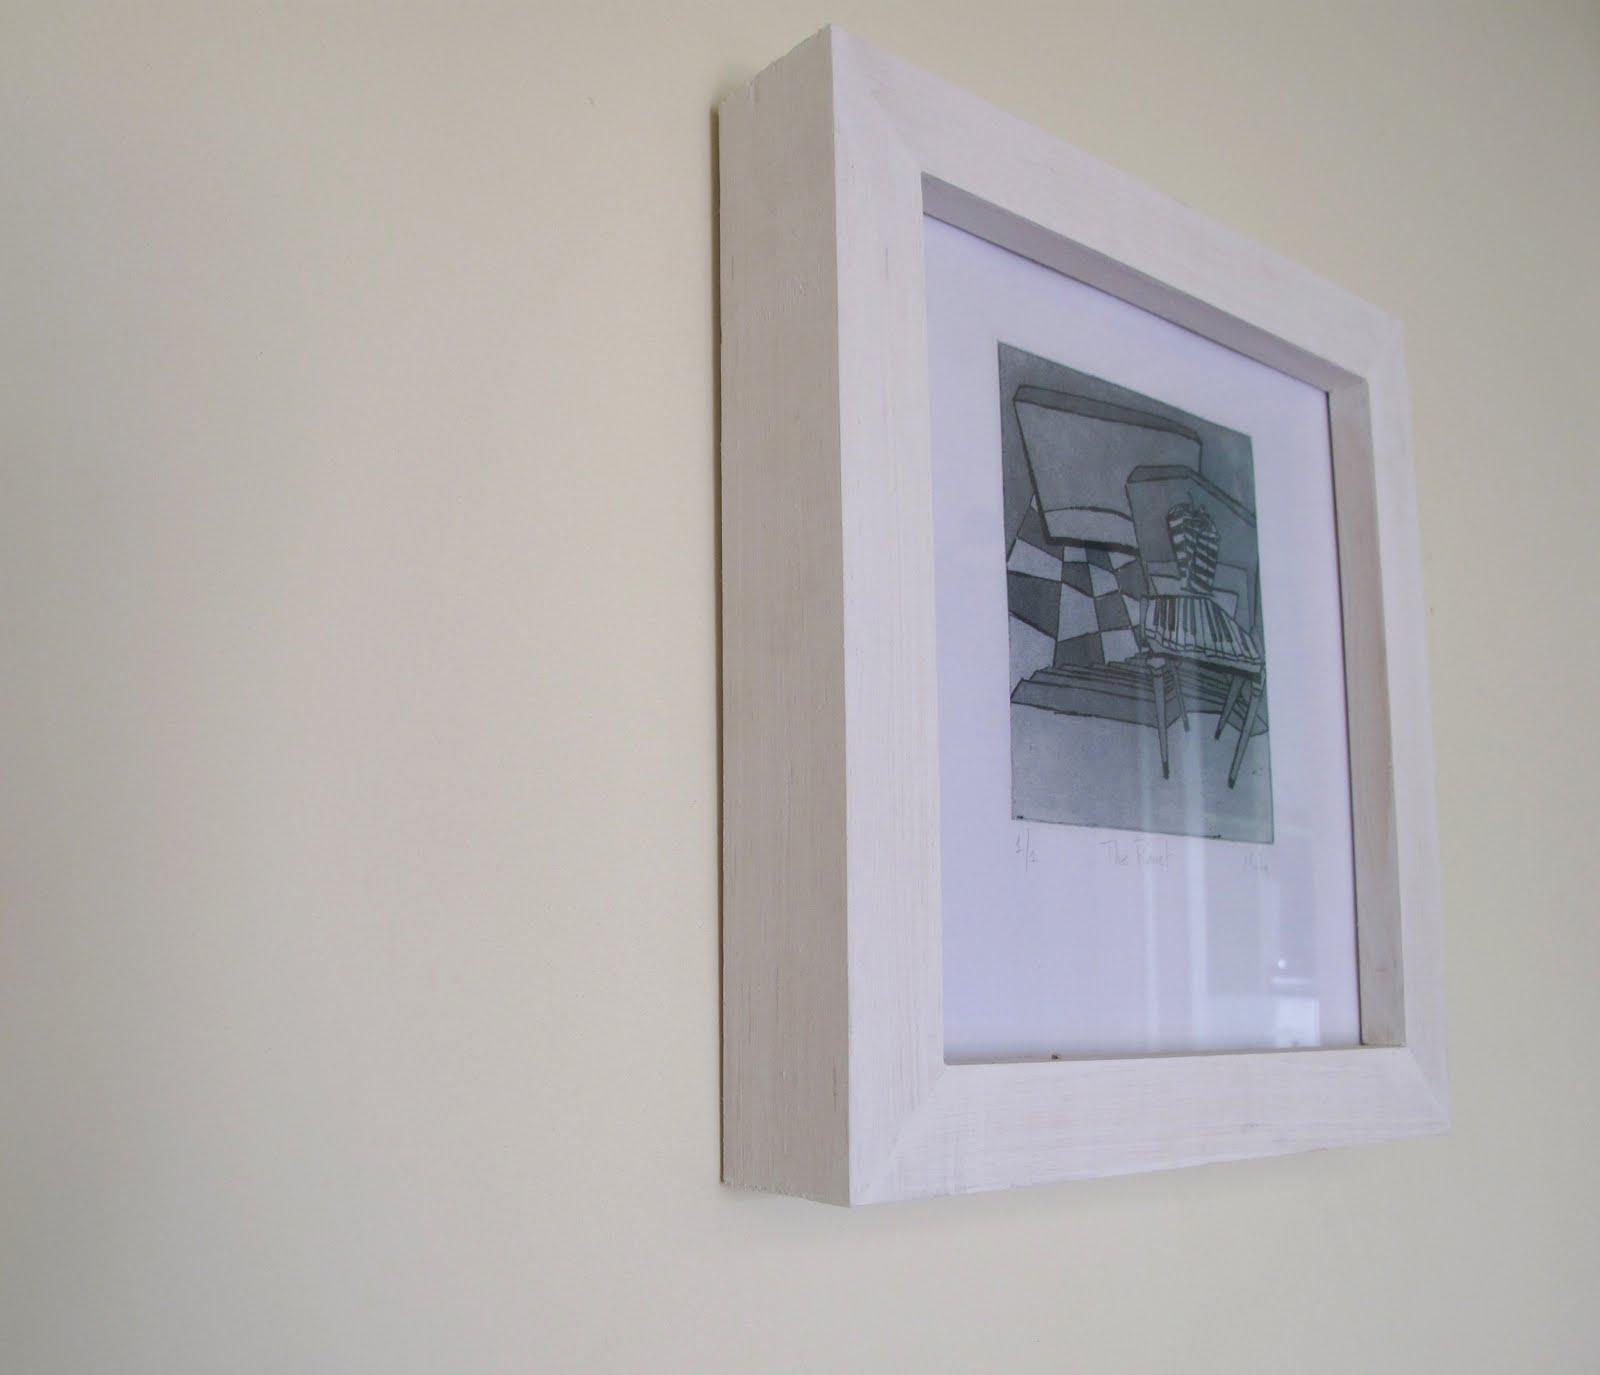 Taller de construcción de Marcos: Grabado-The Pianet-Mota